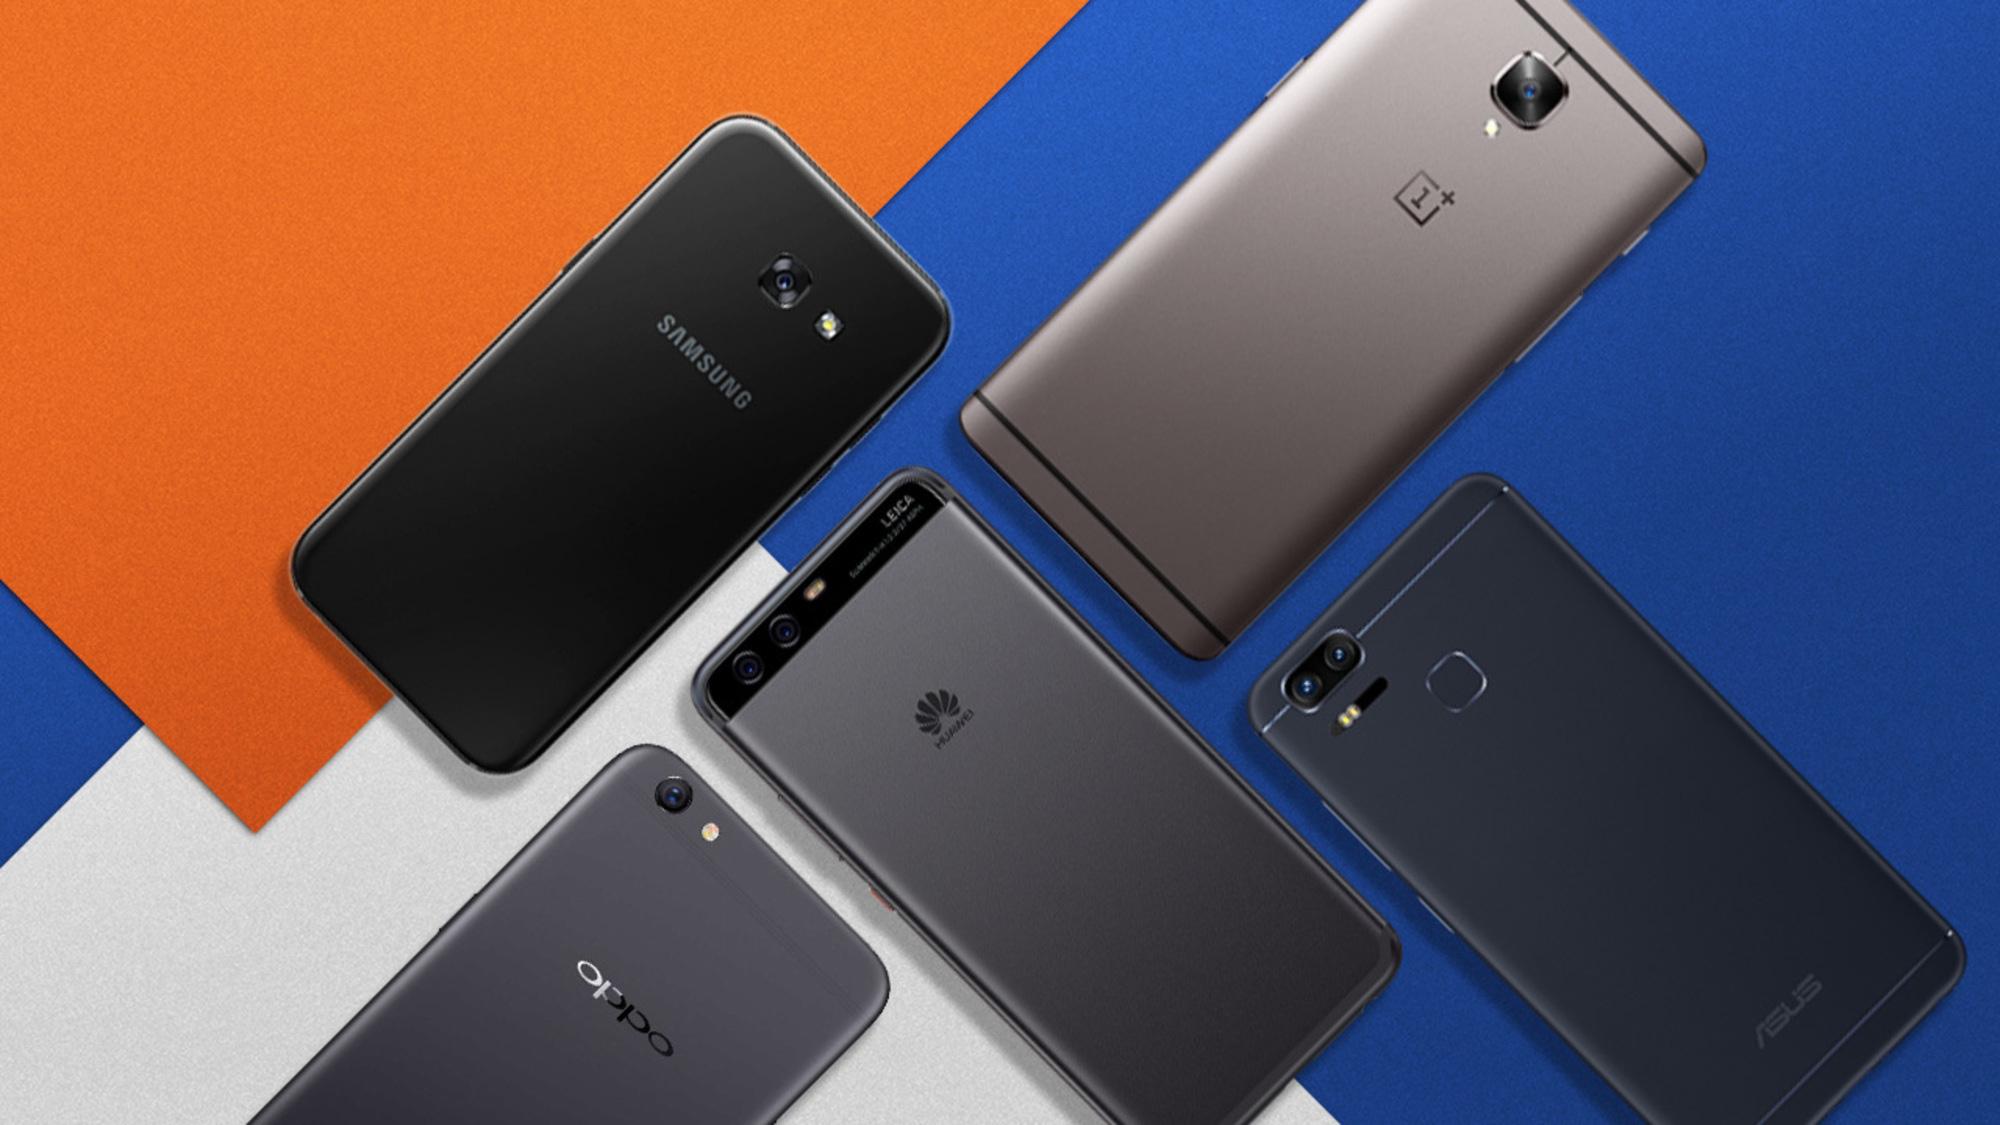 Điện thoại giảm giá: iPhone lẫn Android đều có khuyến mãi - Ảnh 2.